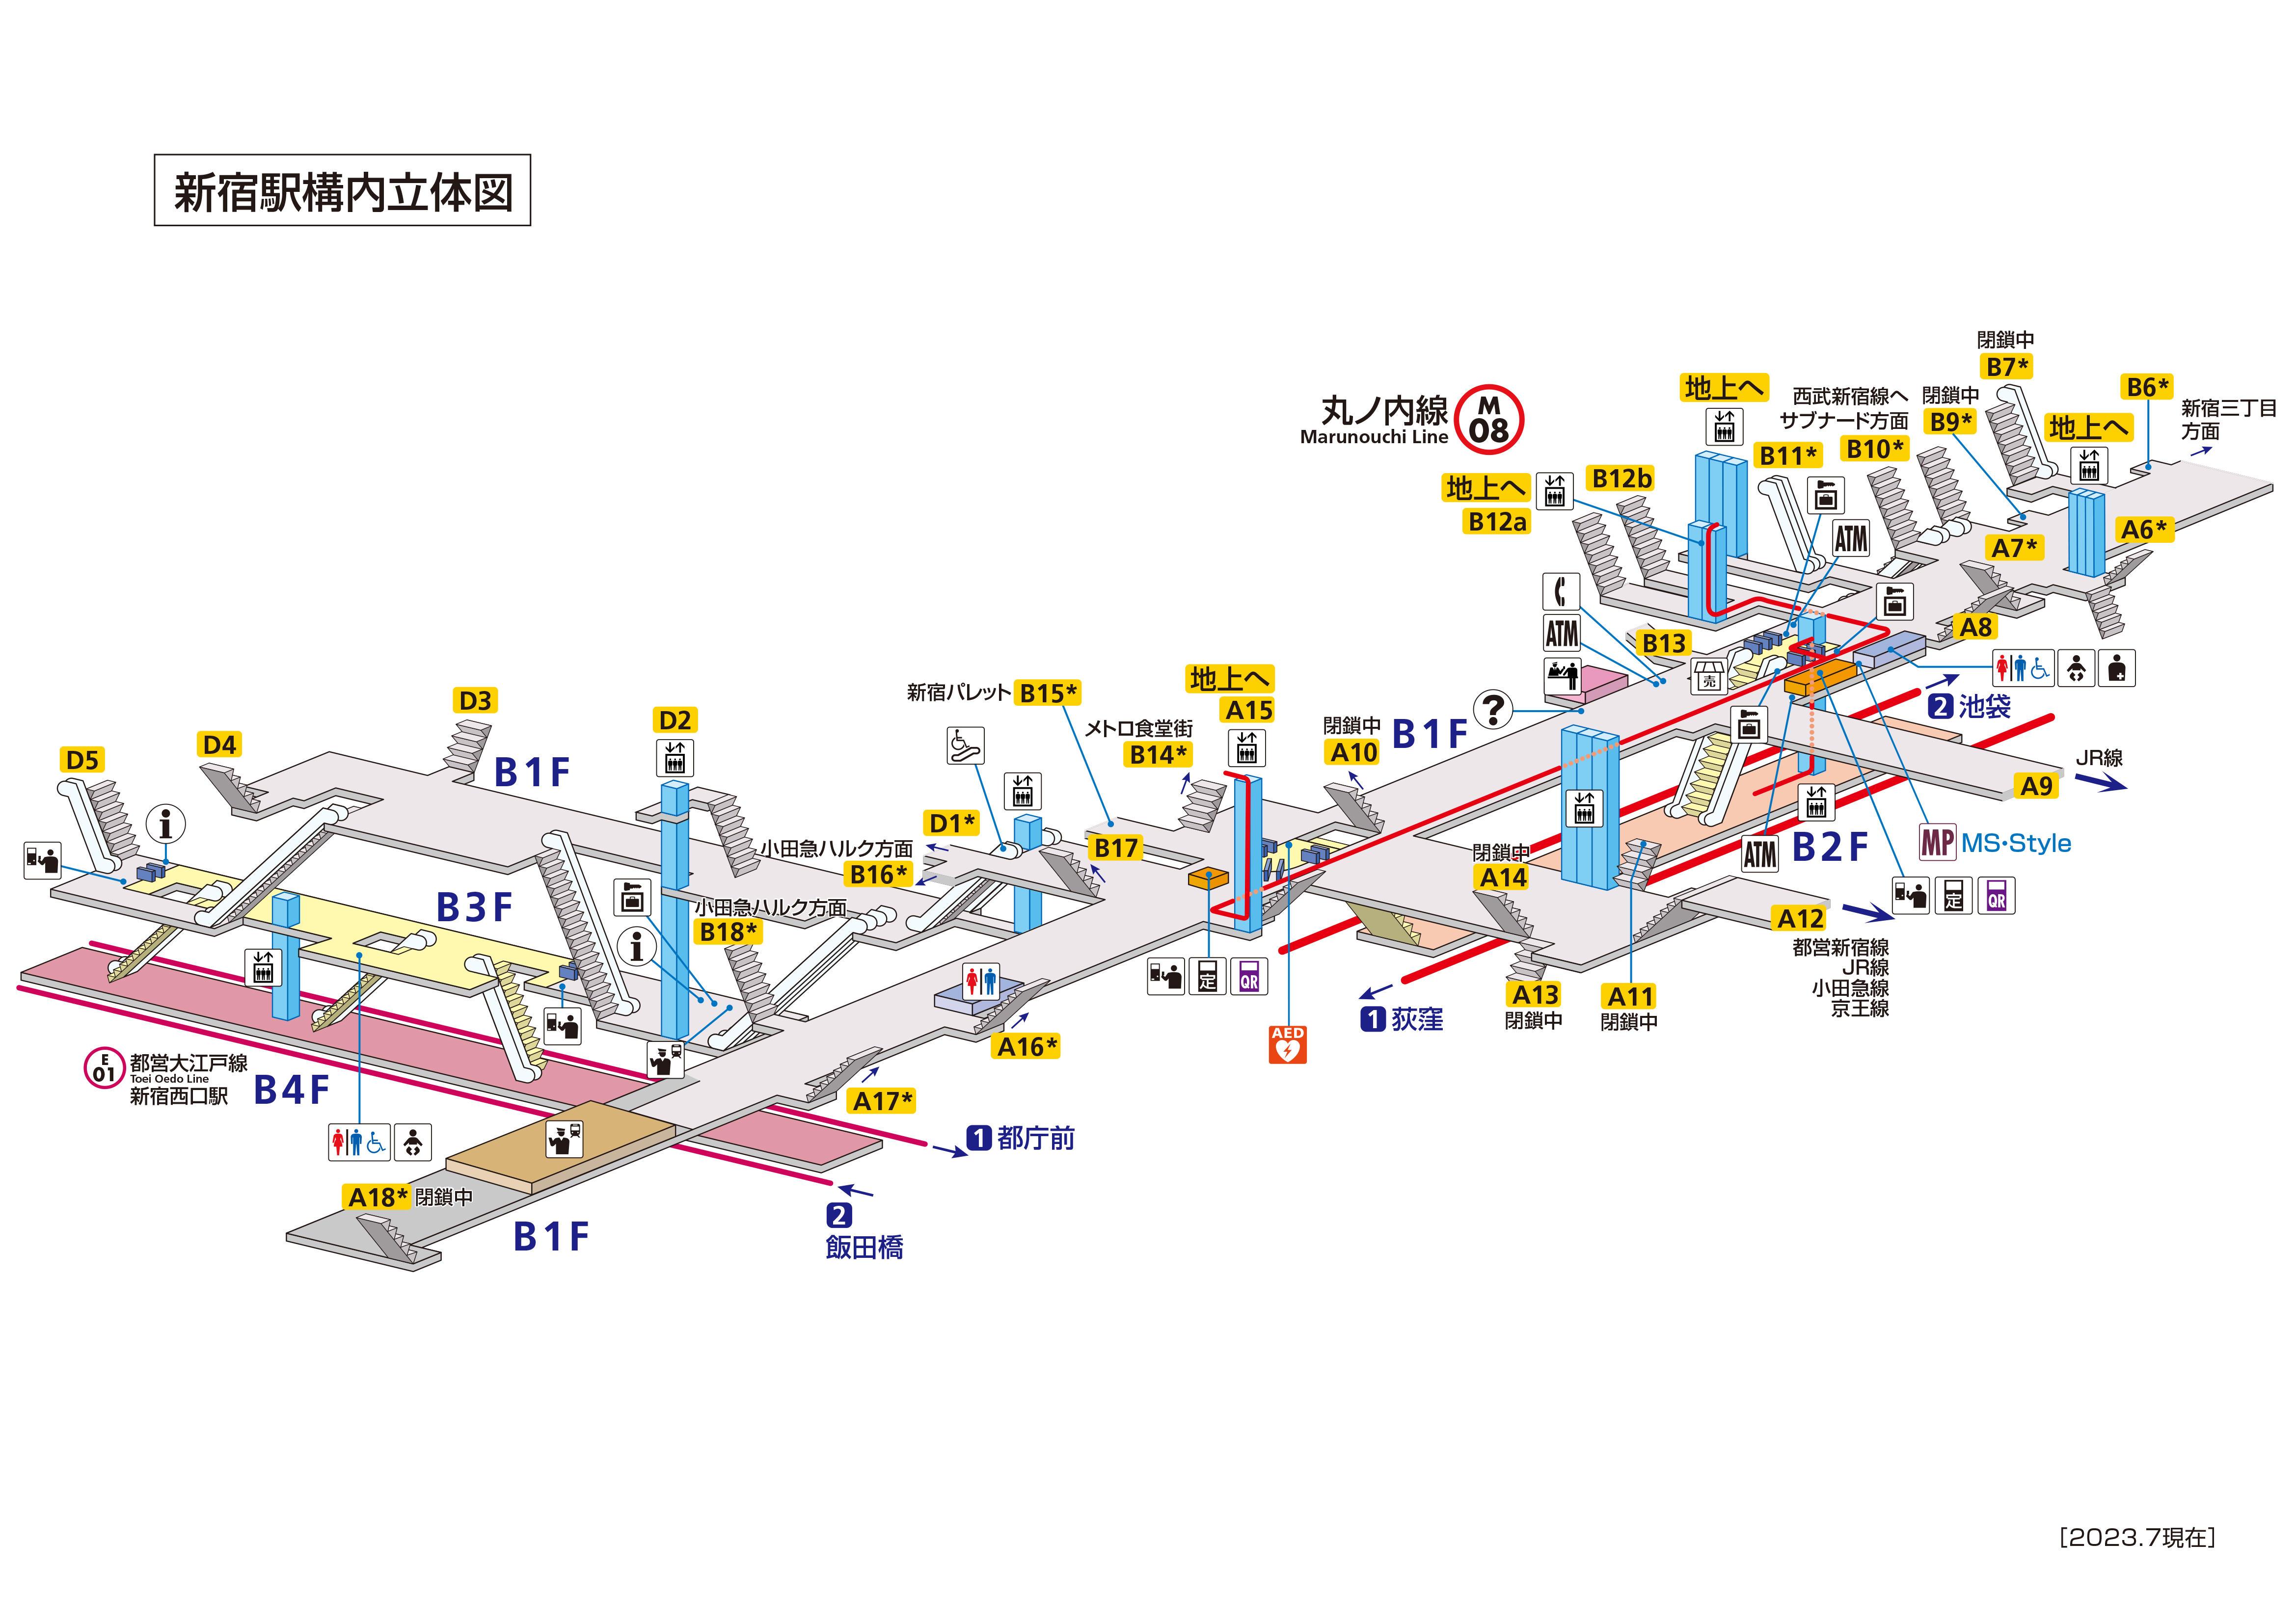 図 路線 新宿 西武 線